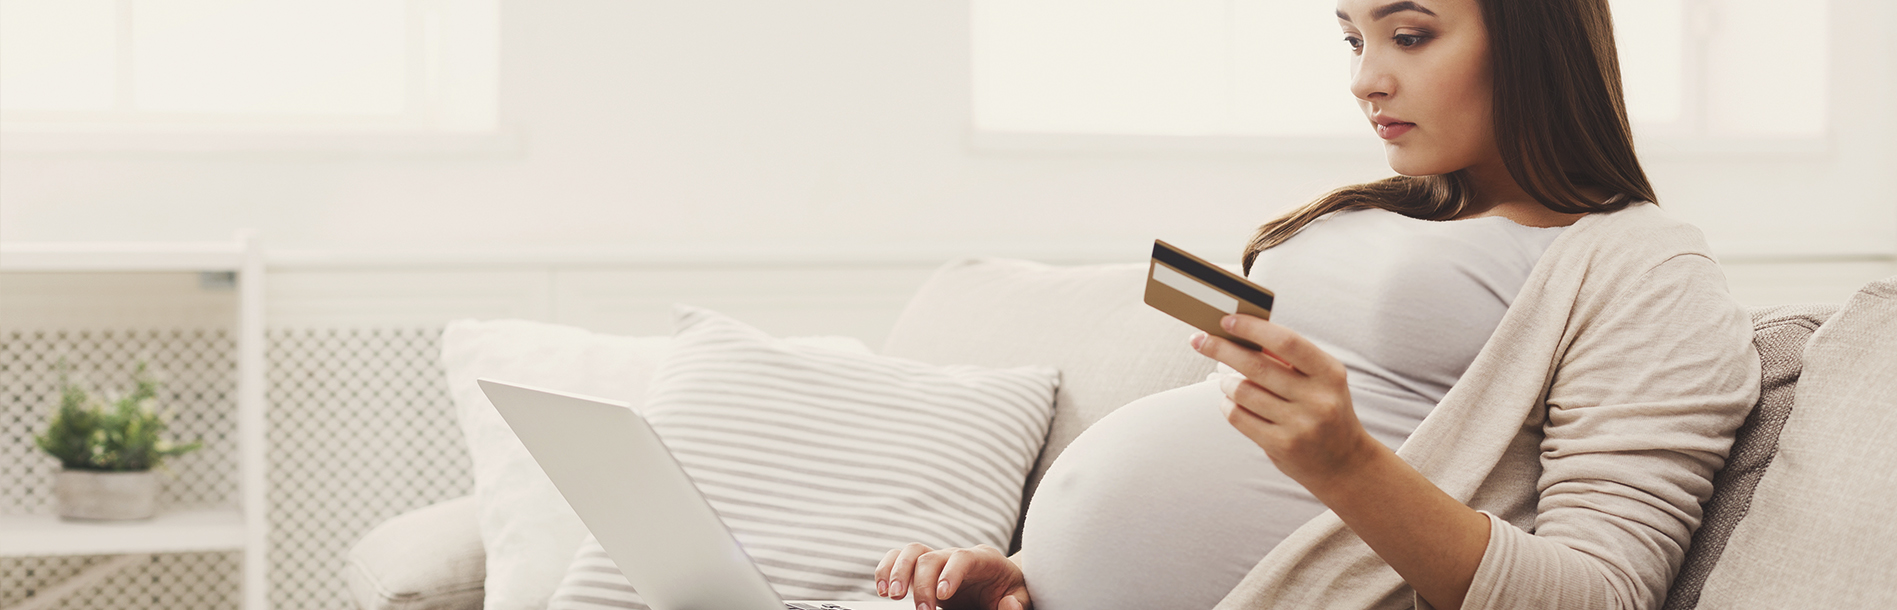 O que é salário maternidade?